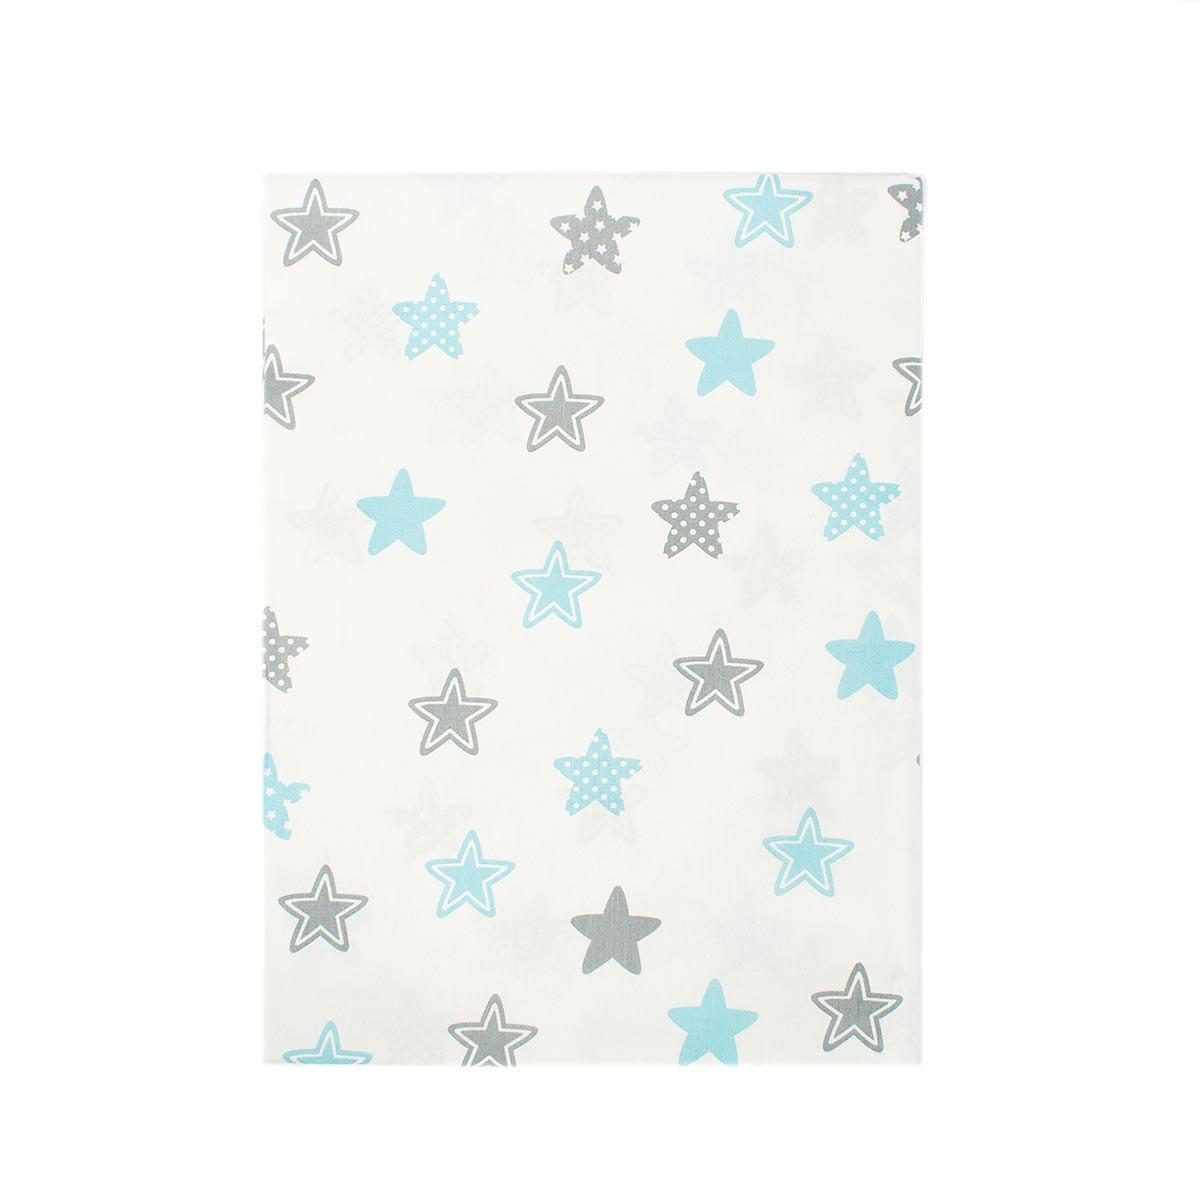 Σεντόνια Μονά (Σετ 2τμχ) Dimcol Star 104 Sky Blue